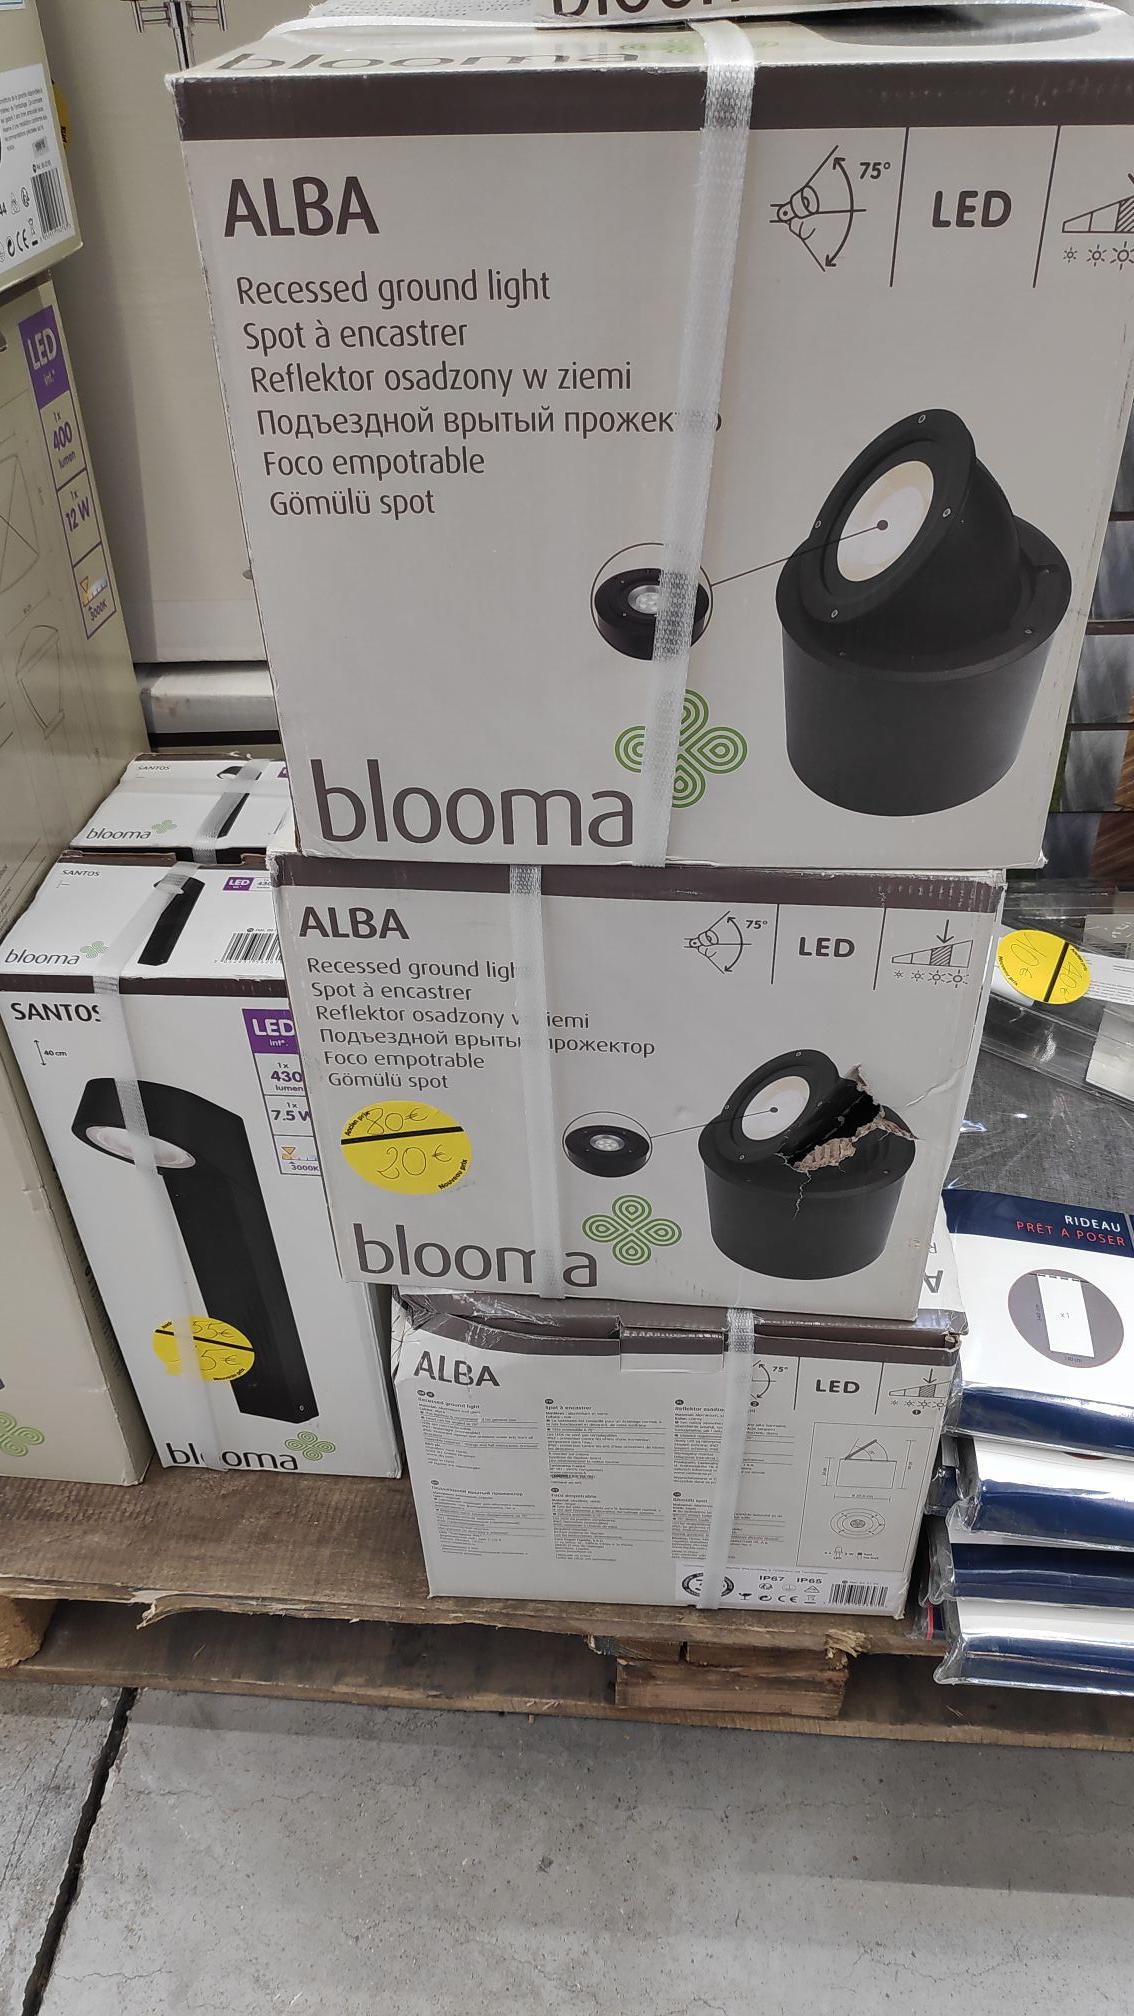 Sélection d'éclairage LED extérieurs Blooma - Villiers-sur-Marne (94)